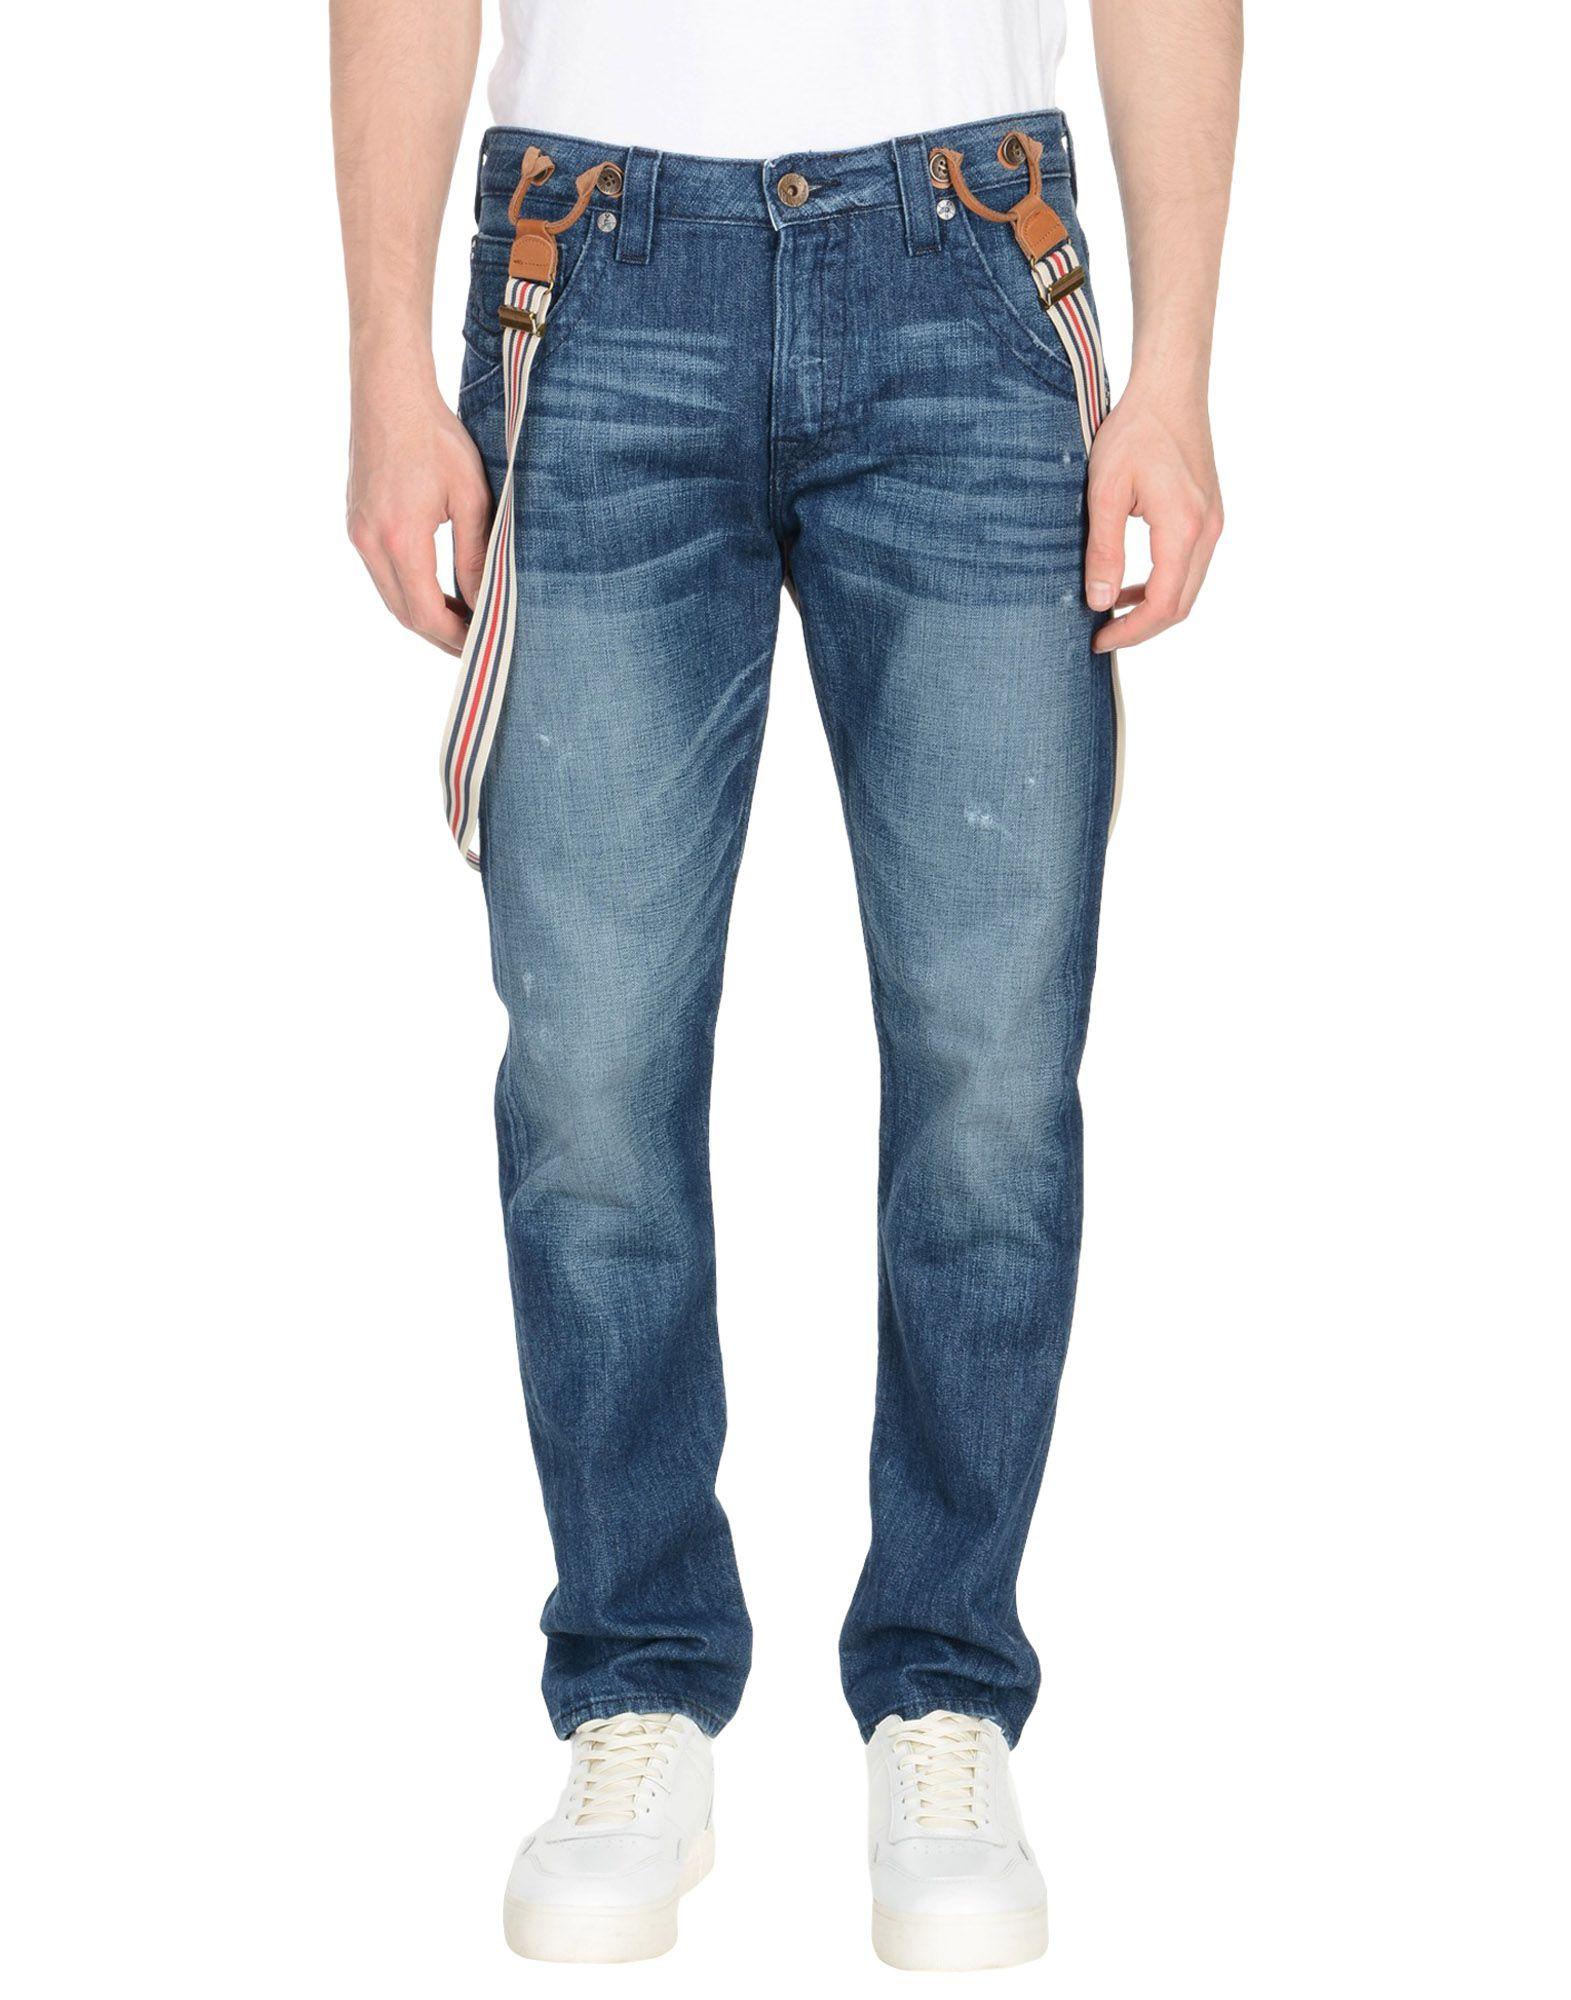 Pantaloni Jeans True Religion Donna - Acquista online su